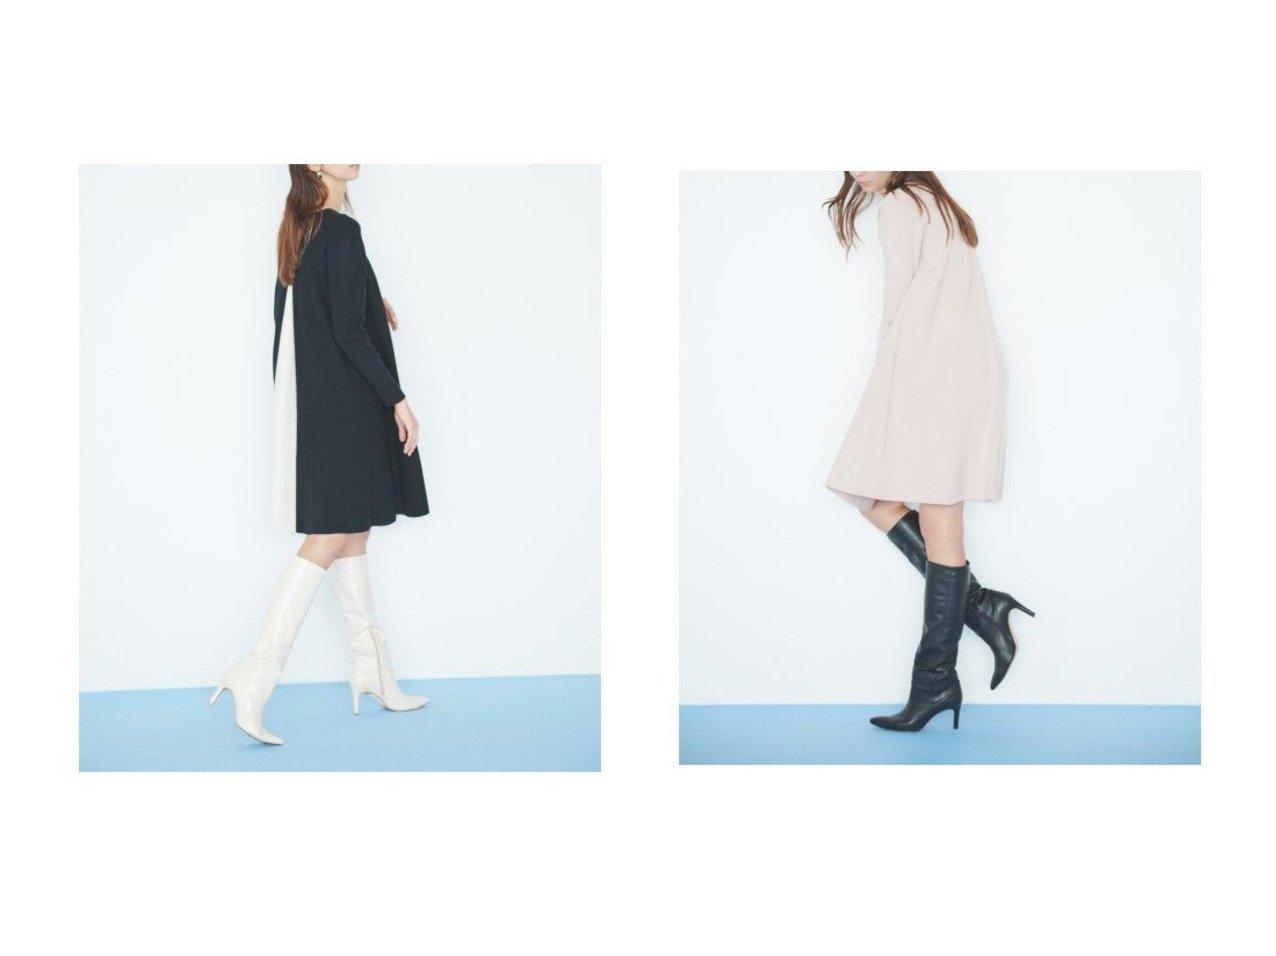 【CELFORD/セルフォード】の【NEW Year Special Knit Dress】バイカラーAラインニットワンピース ワンピース・ドレスのおすすめ!人気、トレンド・レディースファッションの通販 おすすめで人気の流行・トレンド、ファッションの通販商品 メンズファッション・キッズファッション・インテリア・家具・レディースファッション・服の通販 founy(ファニー) https://founy.com/ ファッション Fashion レディースファッション WOMEN ワンピース Dress ドレス Party Dresses ニットワンピース Knit Dresses スペシャル スマート フロント 再入荷 Restock/Back in Stock/Re Arrival |ID:crp329100000013483